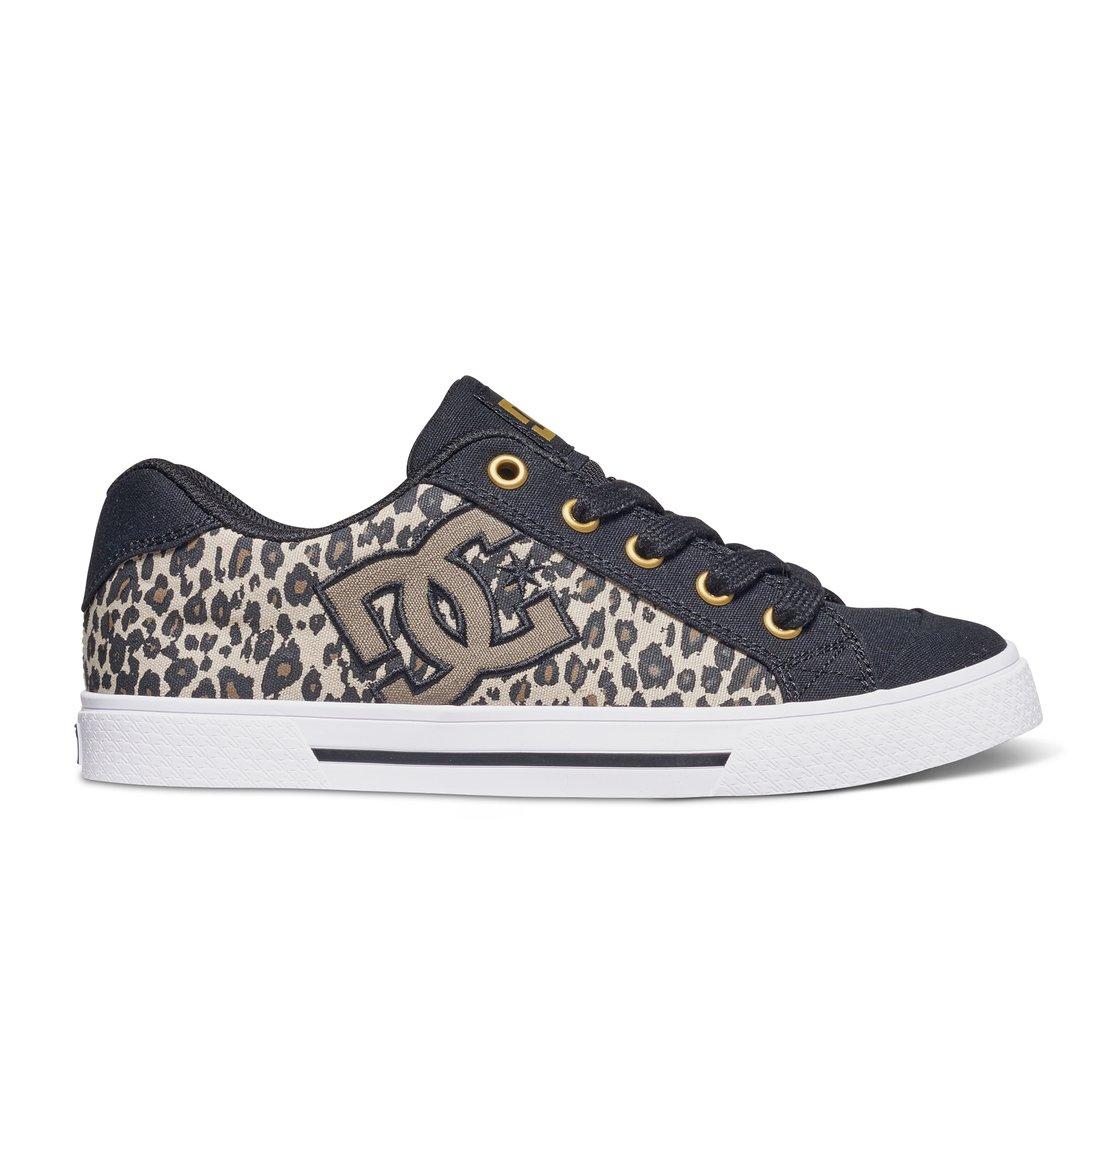 DC Shoes Chelsea TX SE - Shoes - Zapatos - Mujer - EU 37.5 pwjhjZrBPr